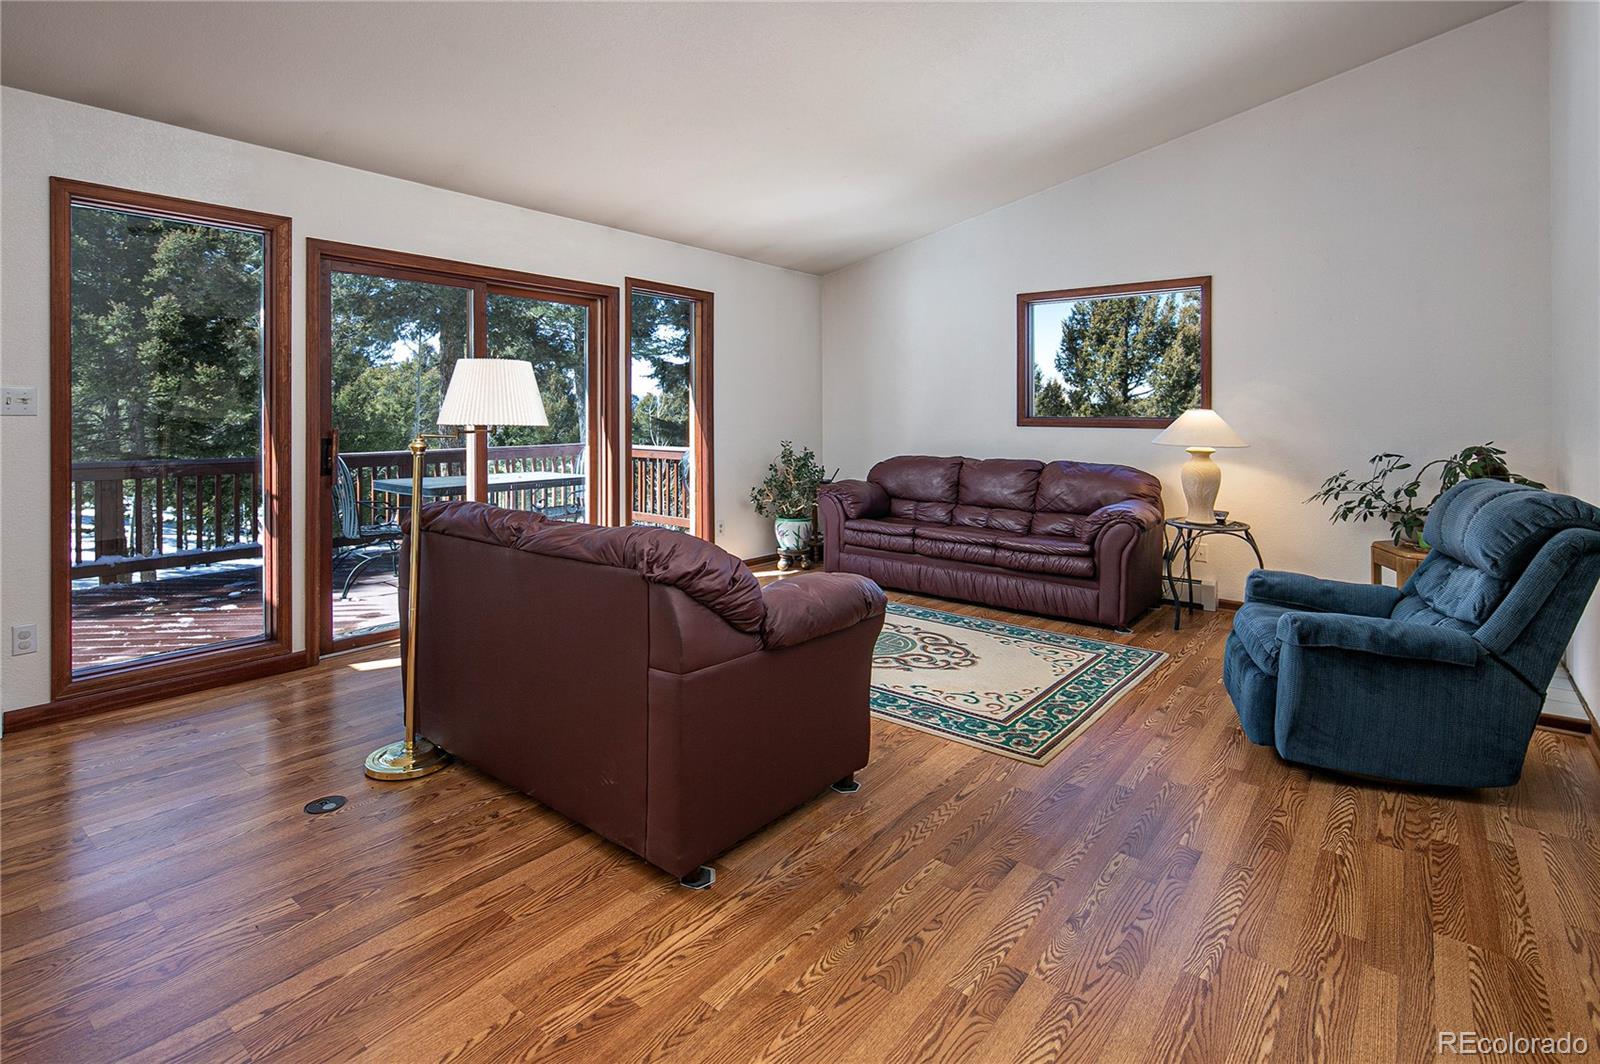 MLS# 3744542 - 17 - 13281 Callae Drive, Conifer, CO 80433